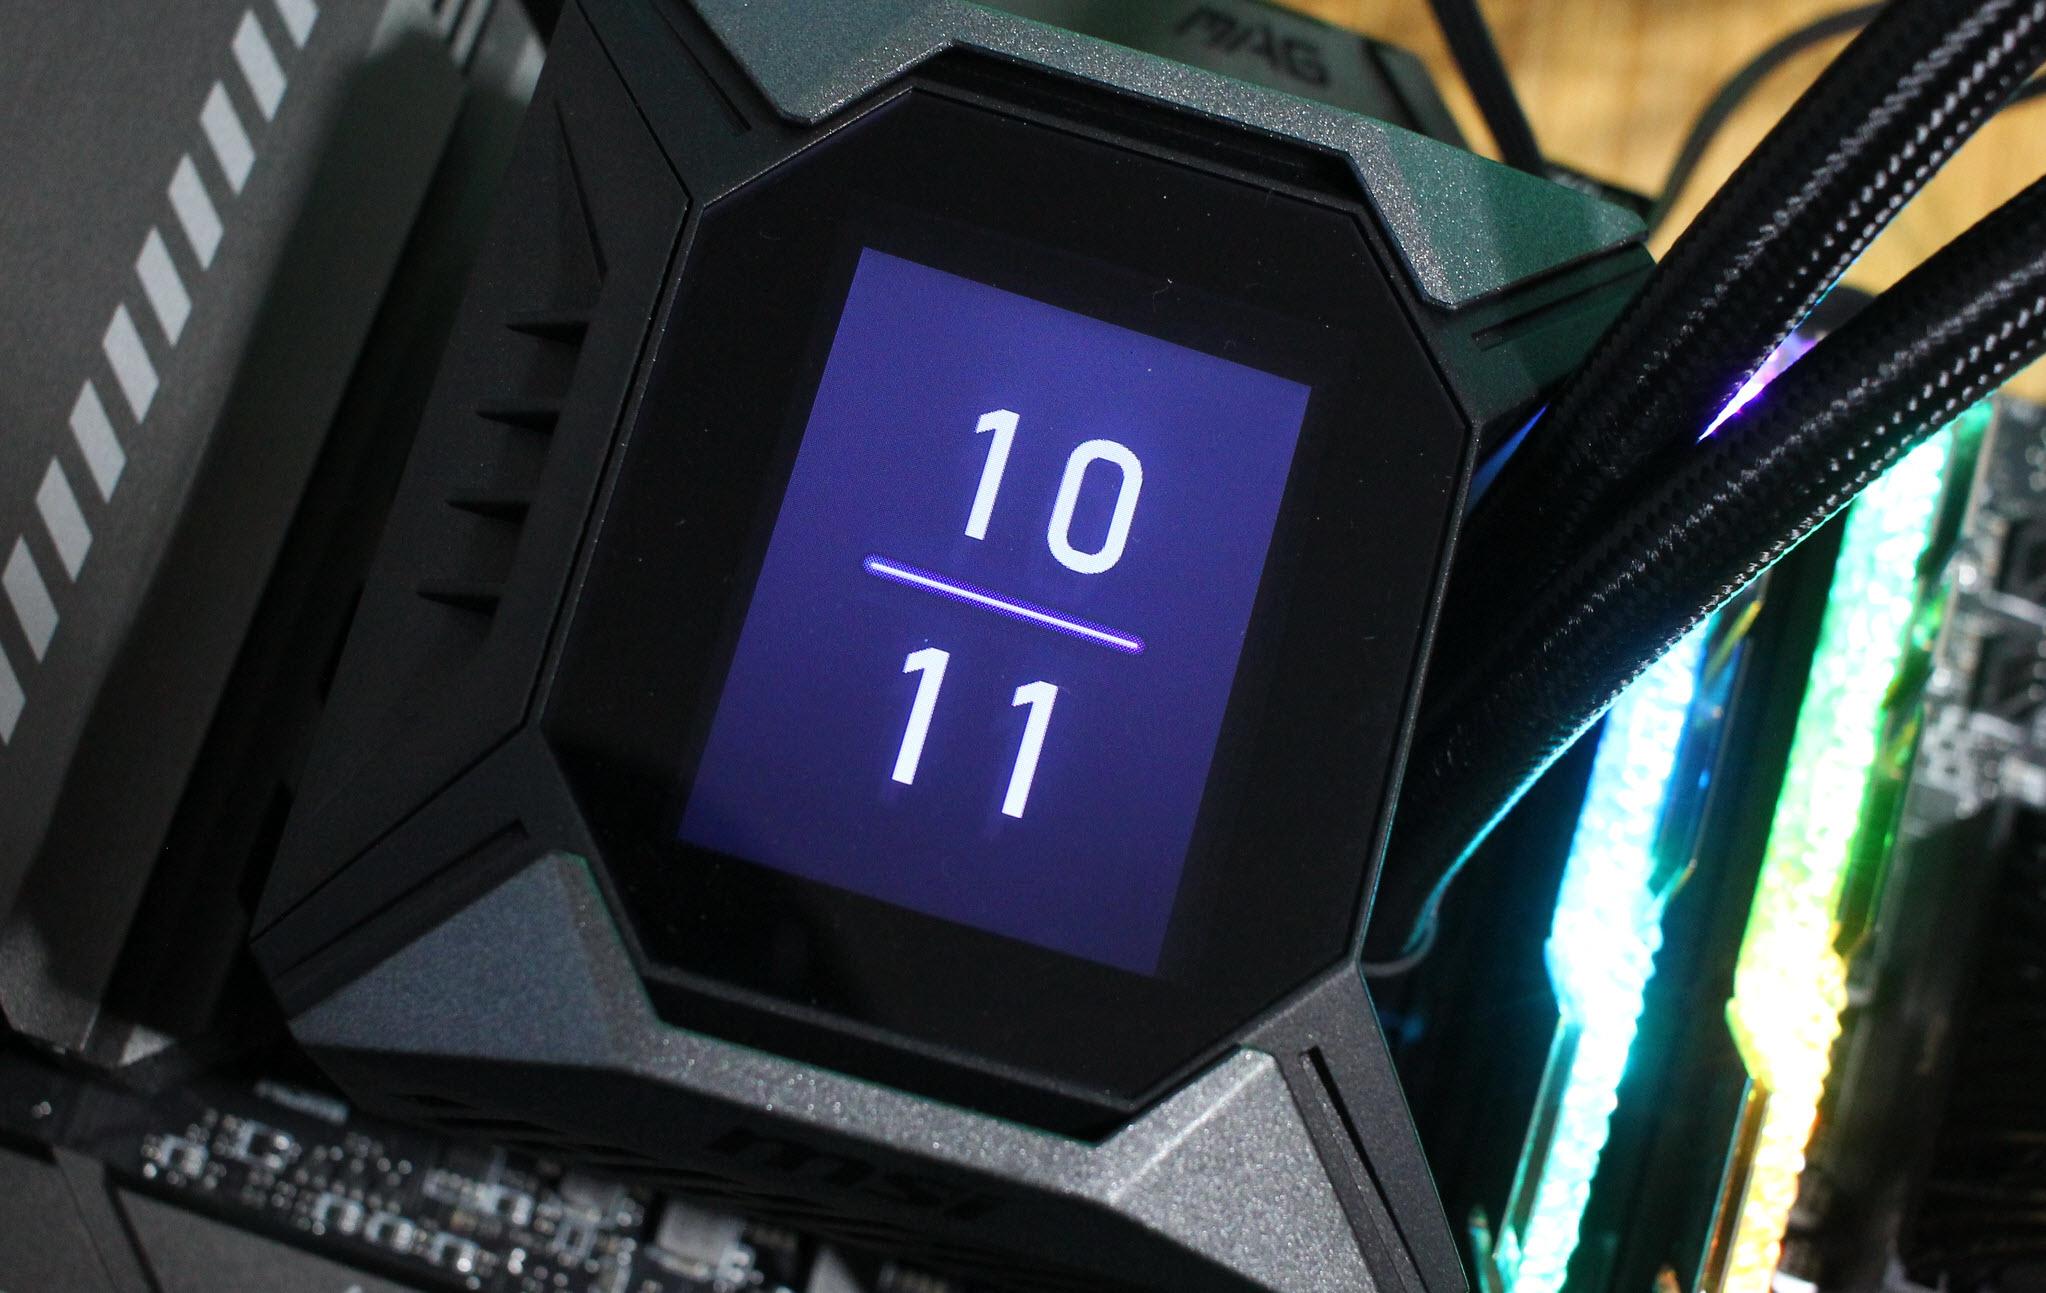 能过73℃算我输!这就是微星MPG coreliquid k360水冷散热器